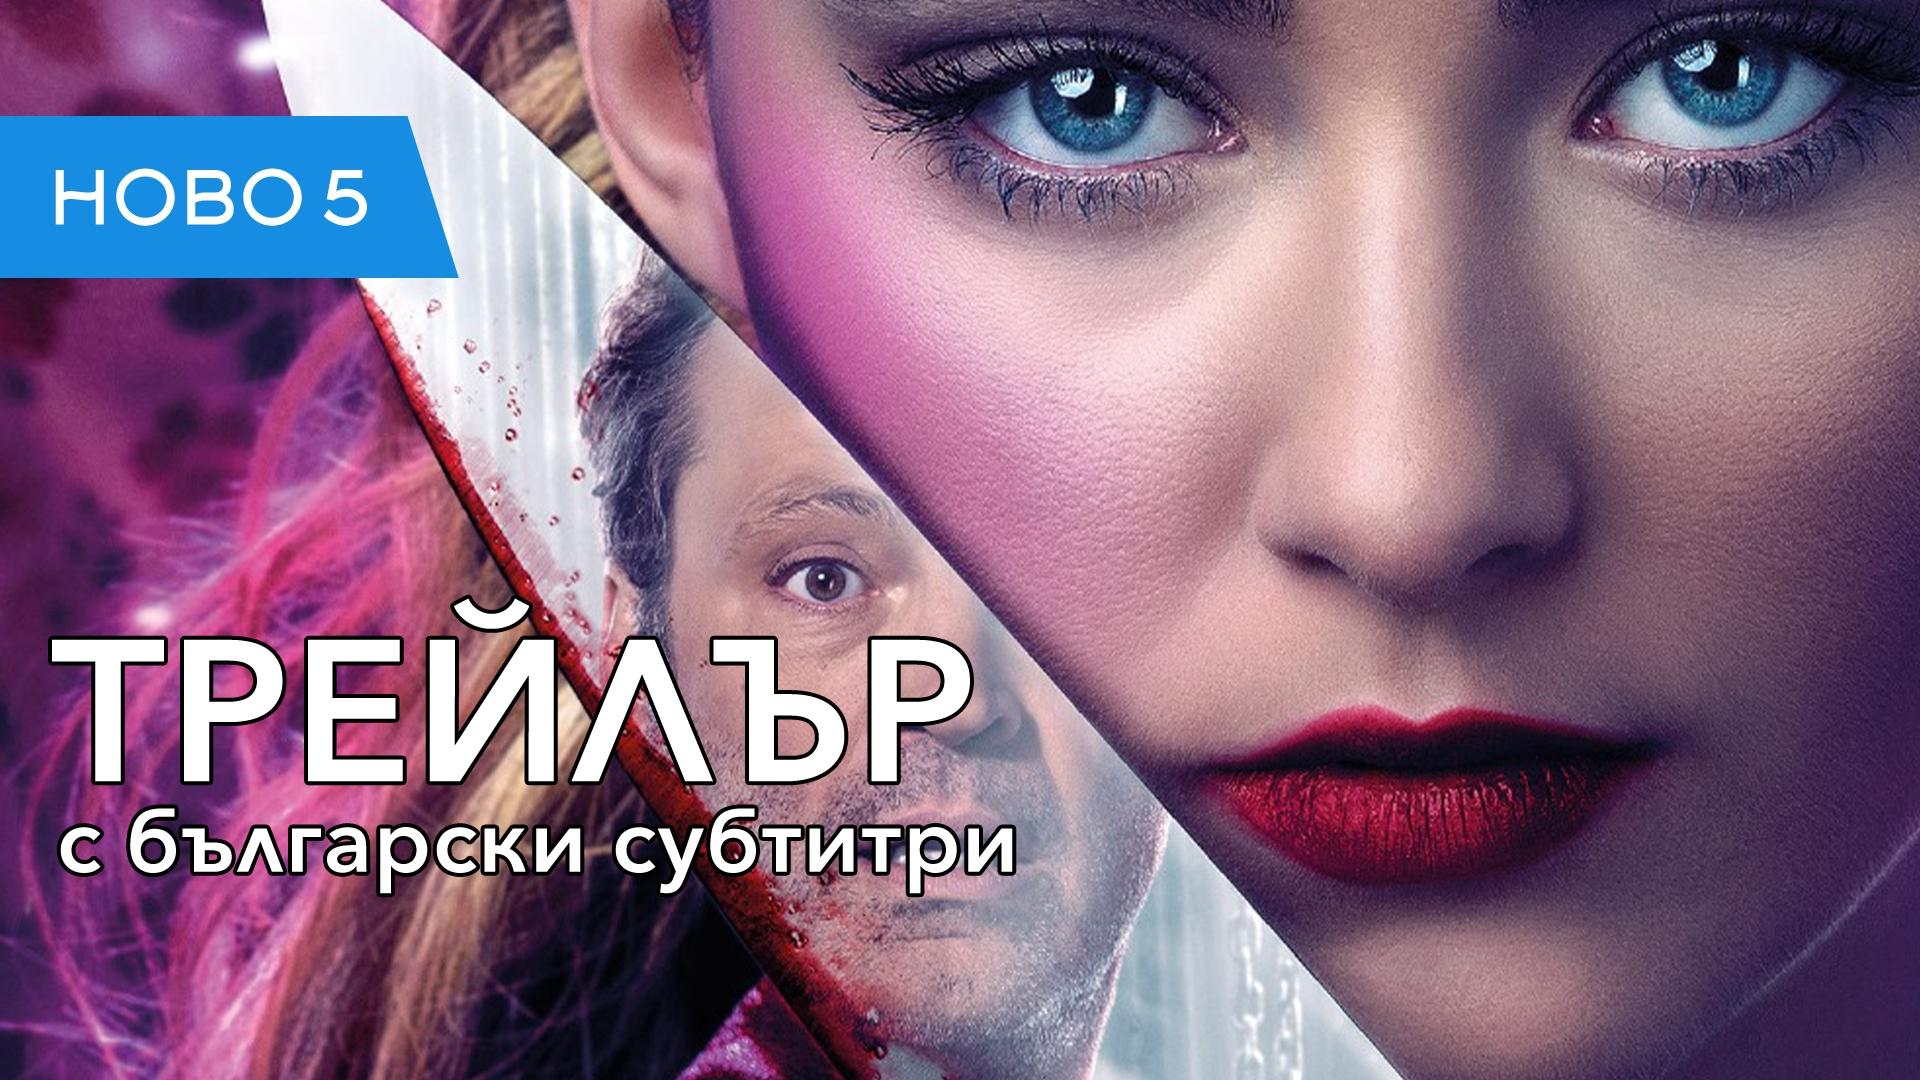 Откачалка (2020) трейлър с български субтитри